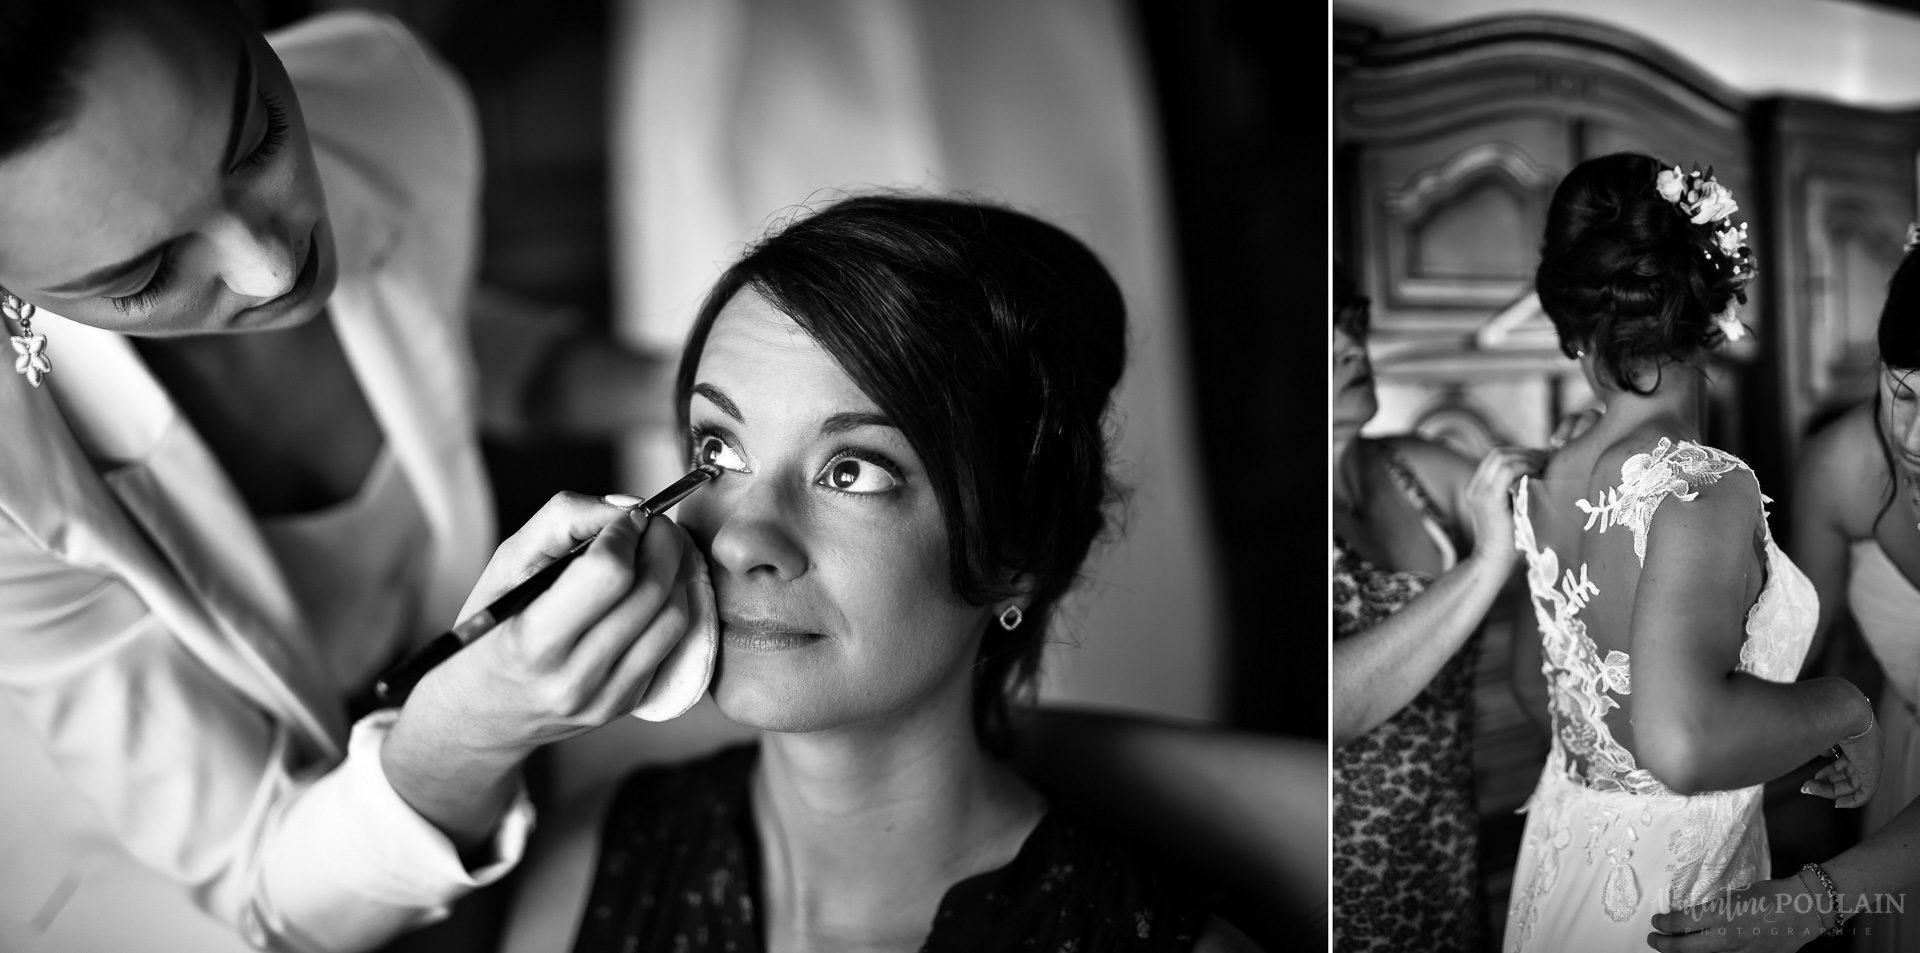 Mariage convivial Saverne - Valentine Poulain makeup